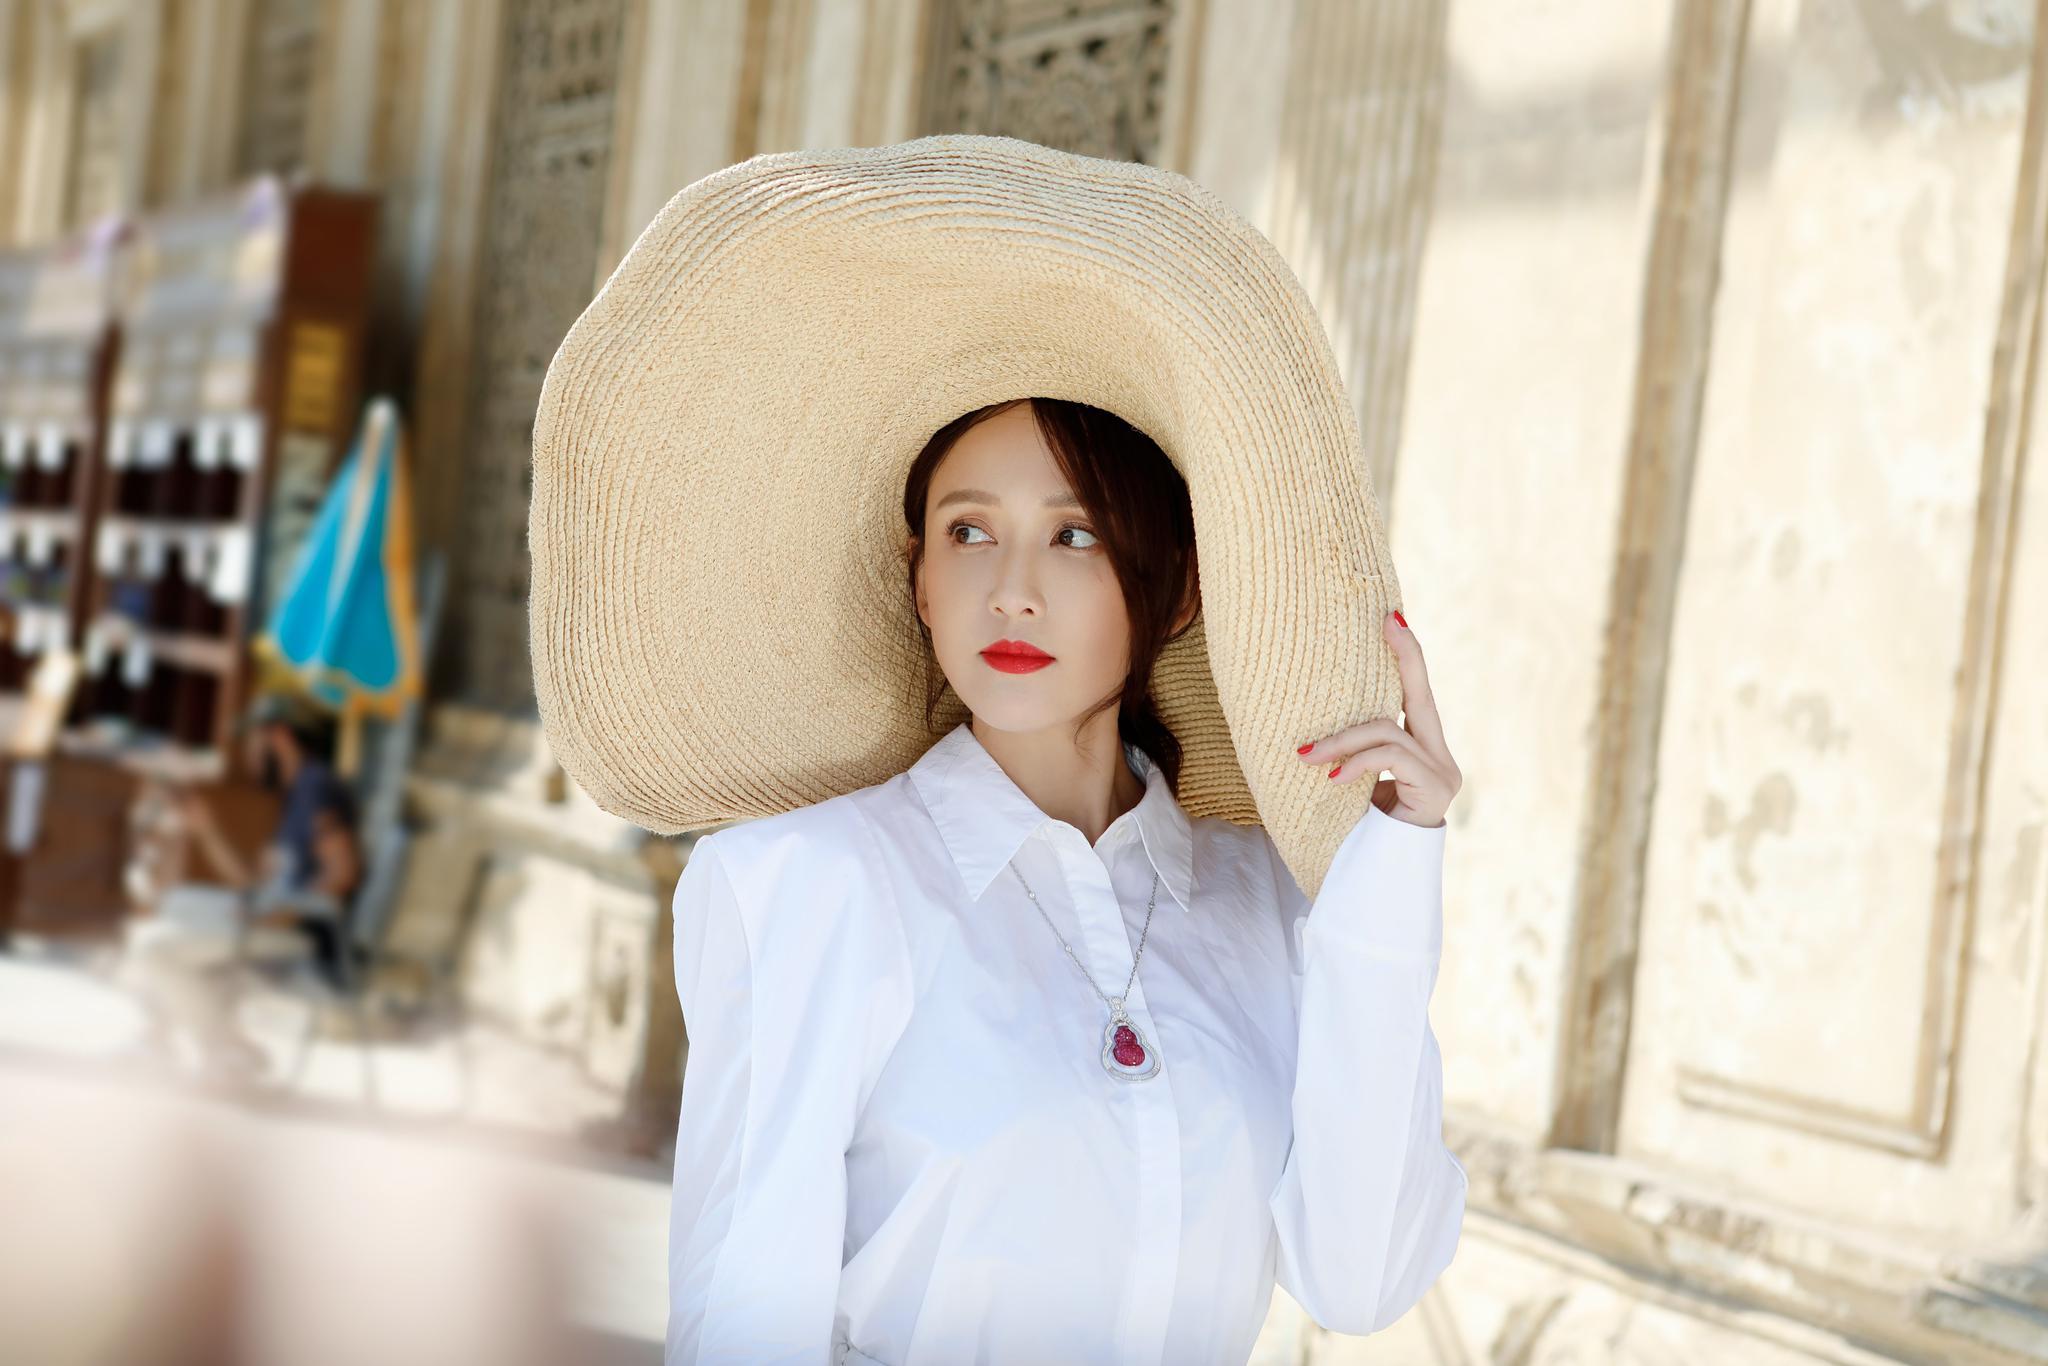 原创 陈乔恩节目中谈年龄,可她的颜值真的一如既往的高插图(4)